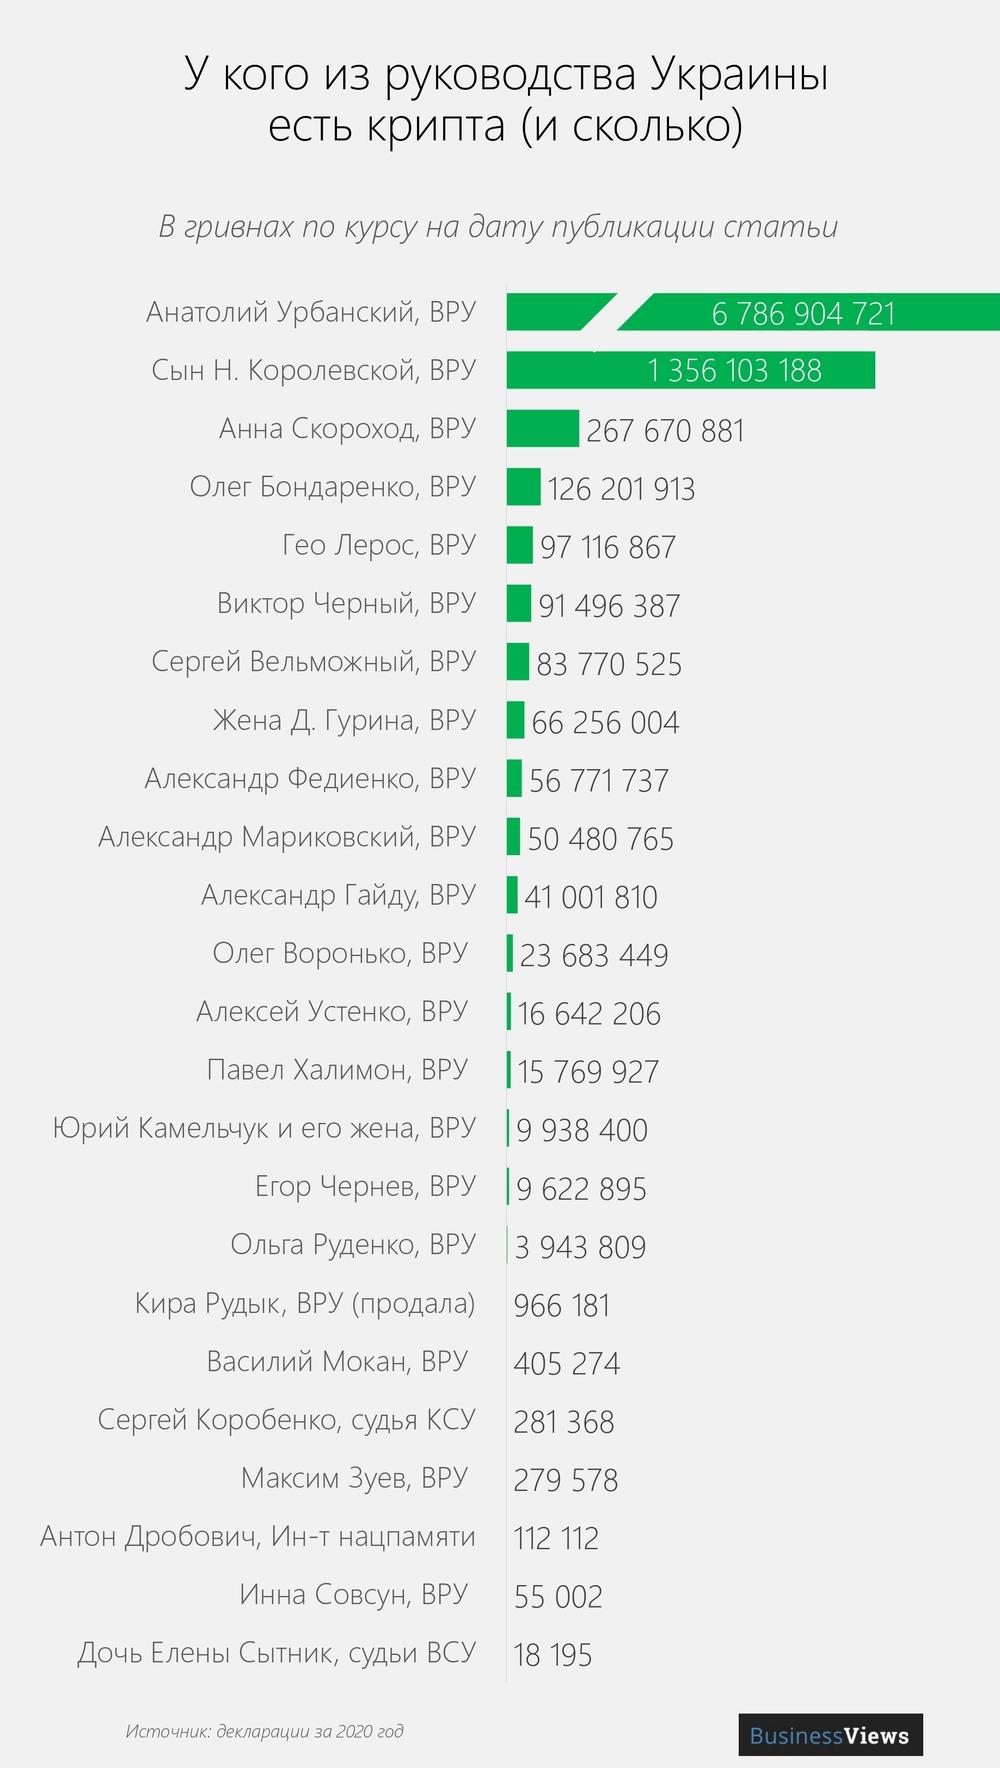 у кого из чиновников в Украине есть криптовалюта